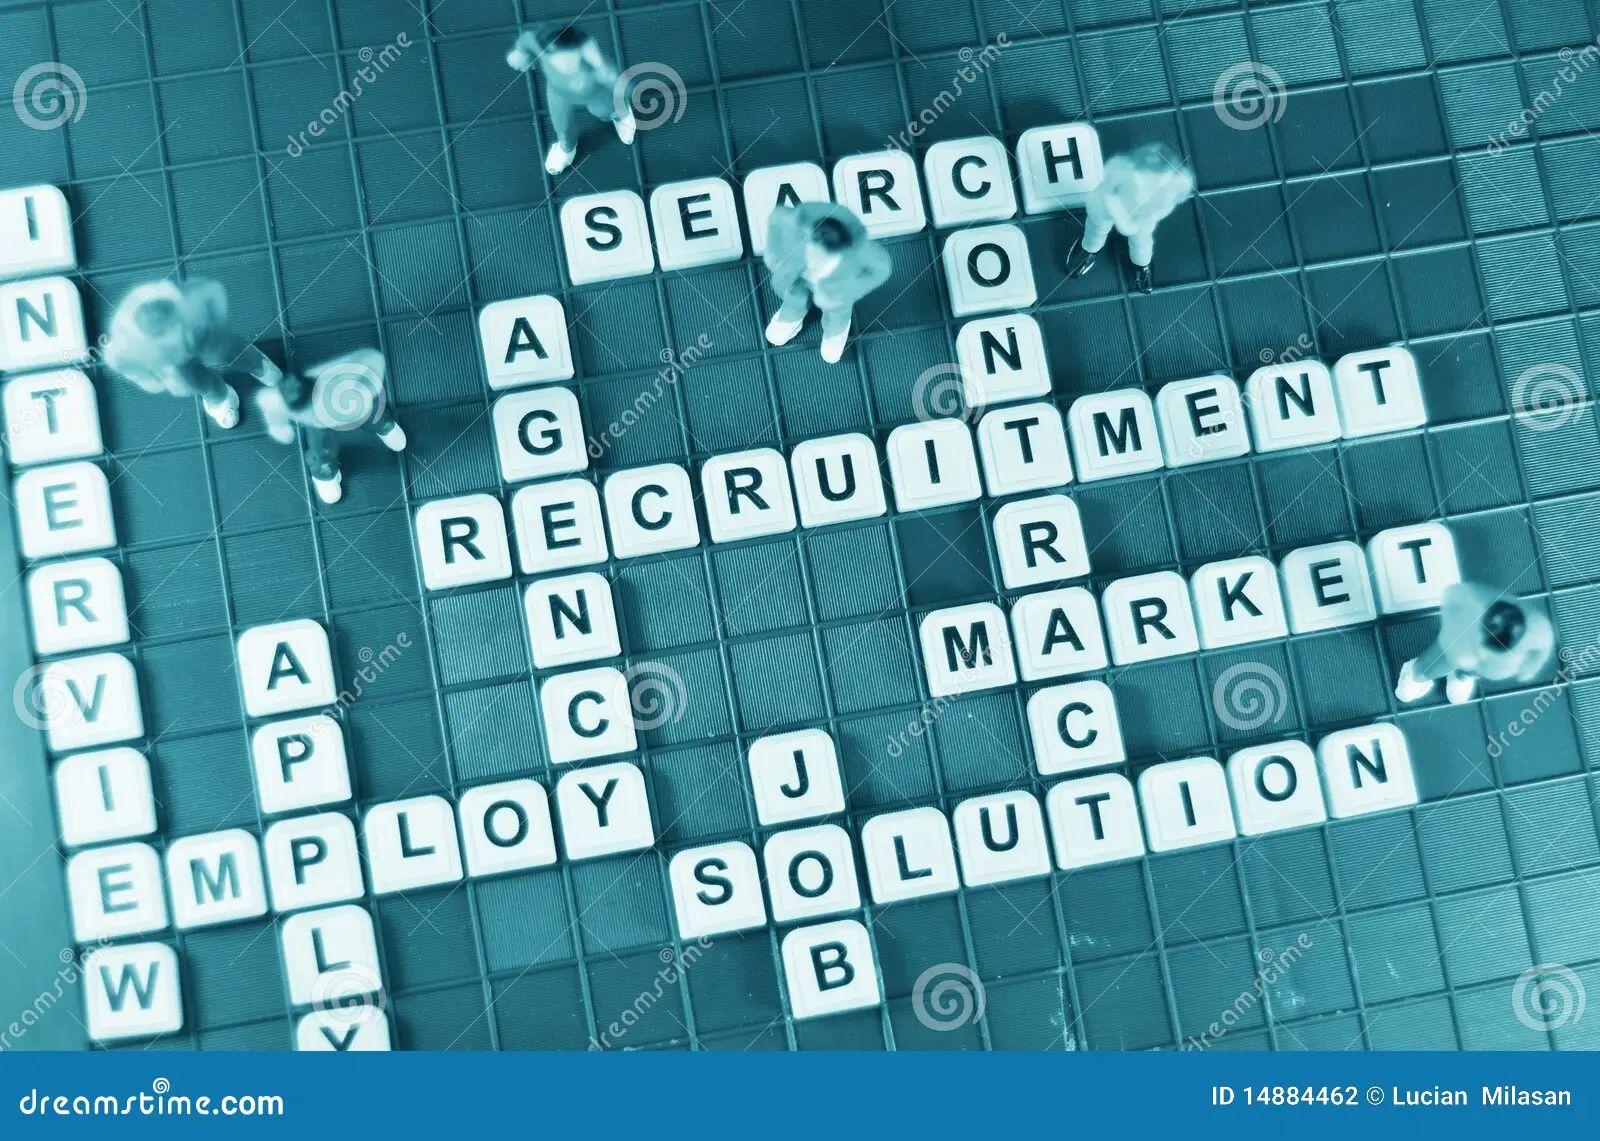 job hunting cv